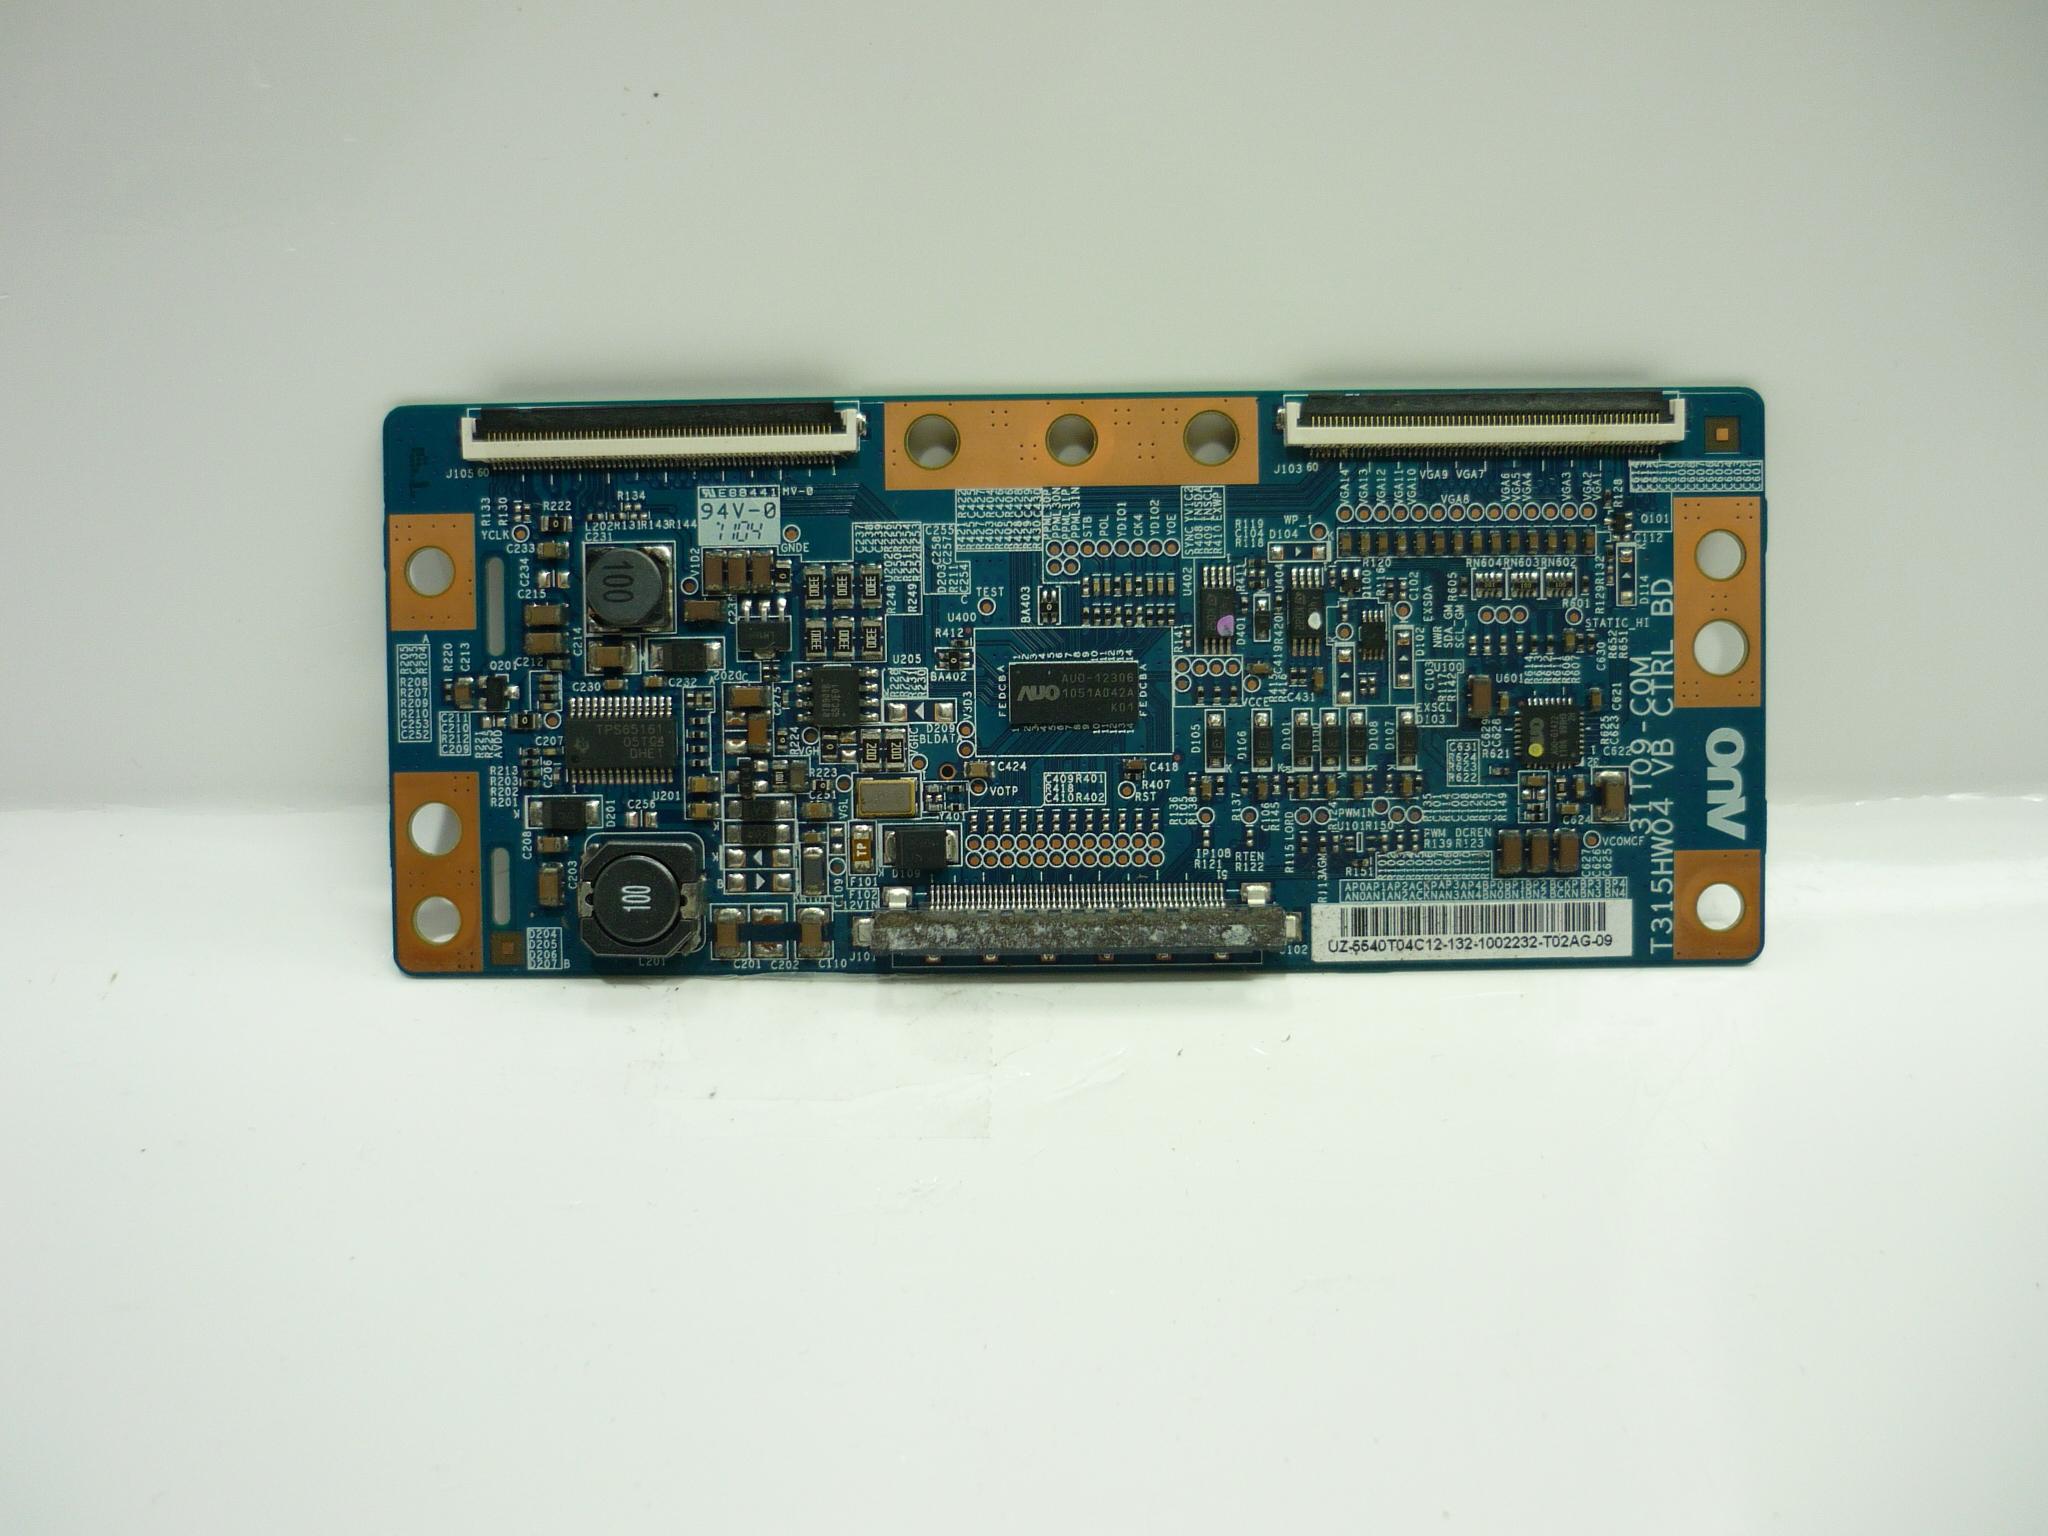 AUO 55.40T04.C12 (31T09-C0L, T315HW04 VB) T-Con Board